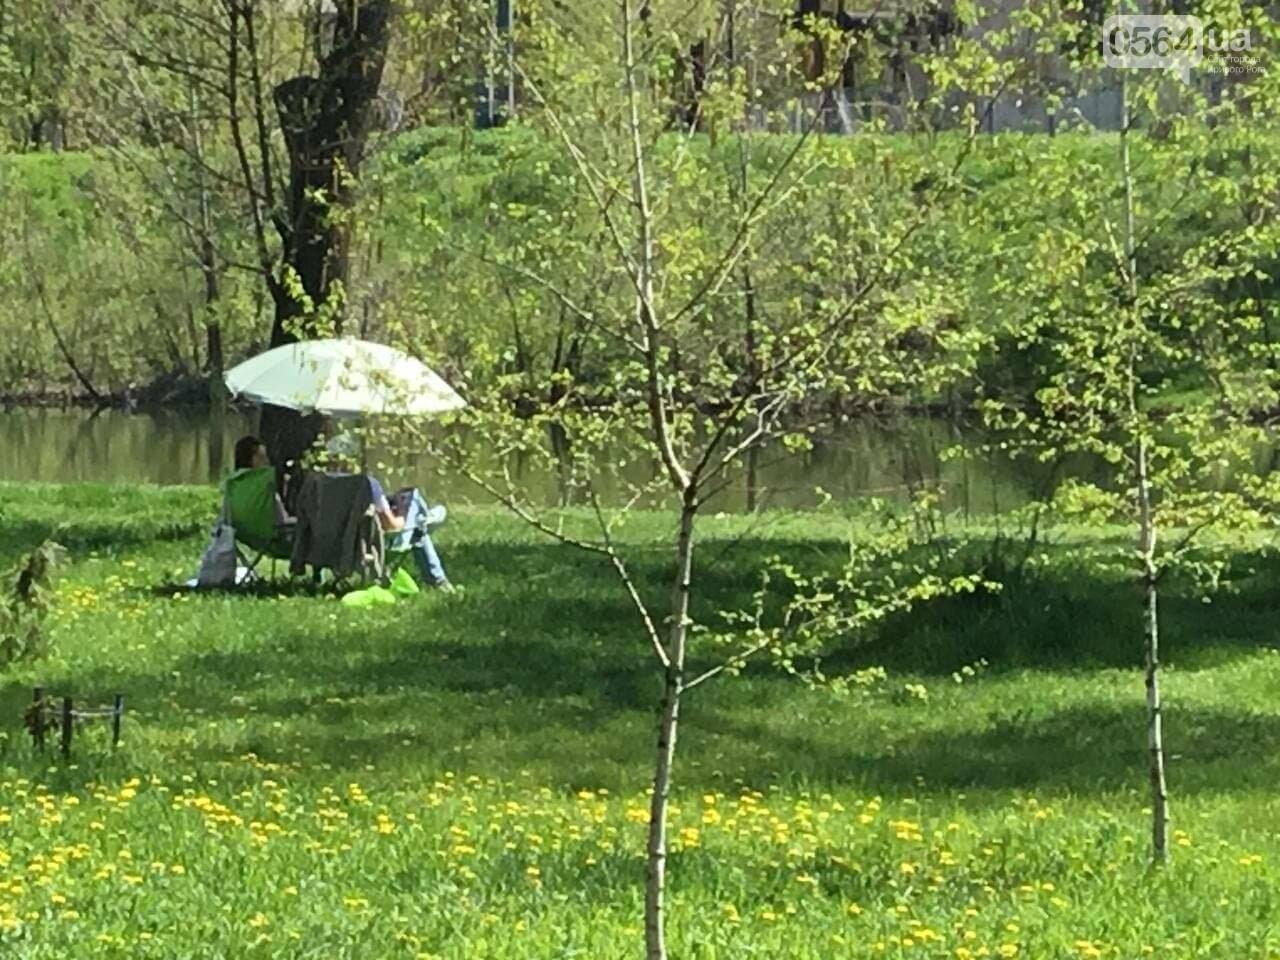 Прогулки, фотосессии, отдых на природе, - как криворожане провели первые дни мая, - ФОТО, ВИДЕО, фото-10